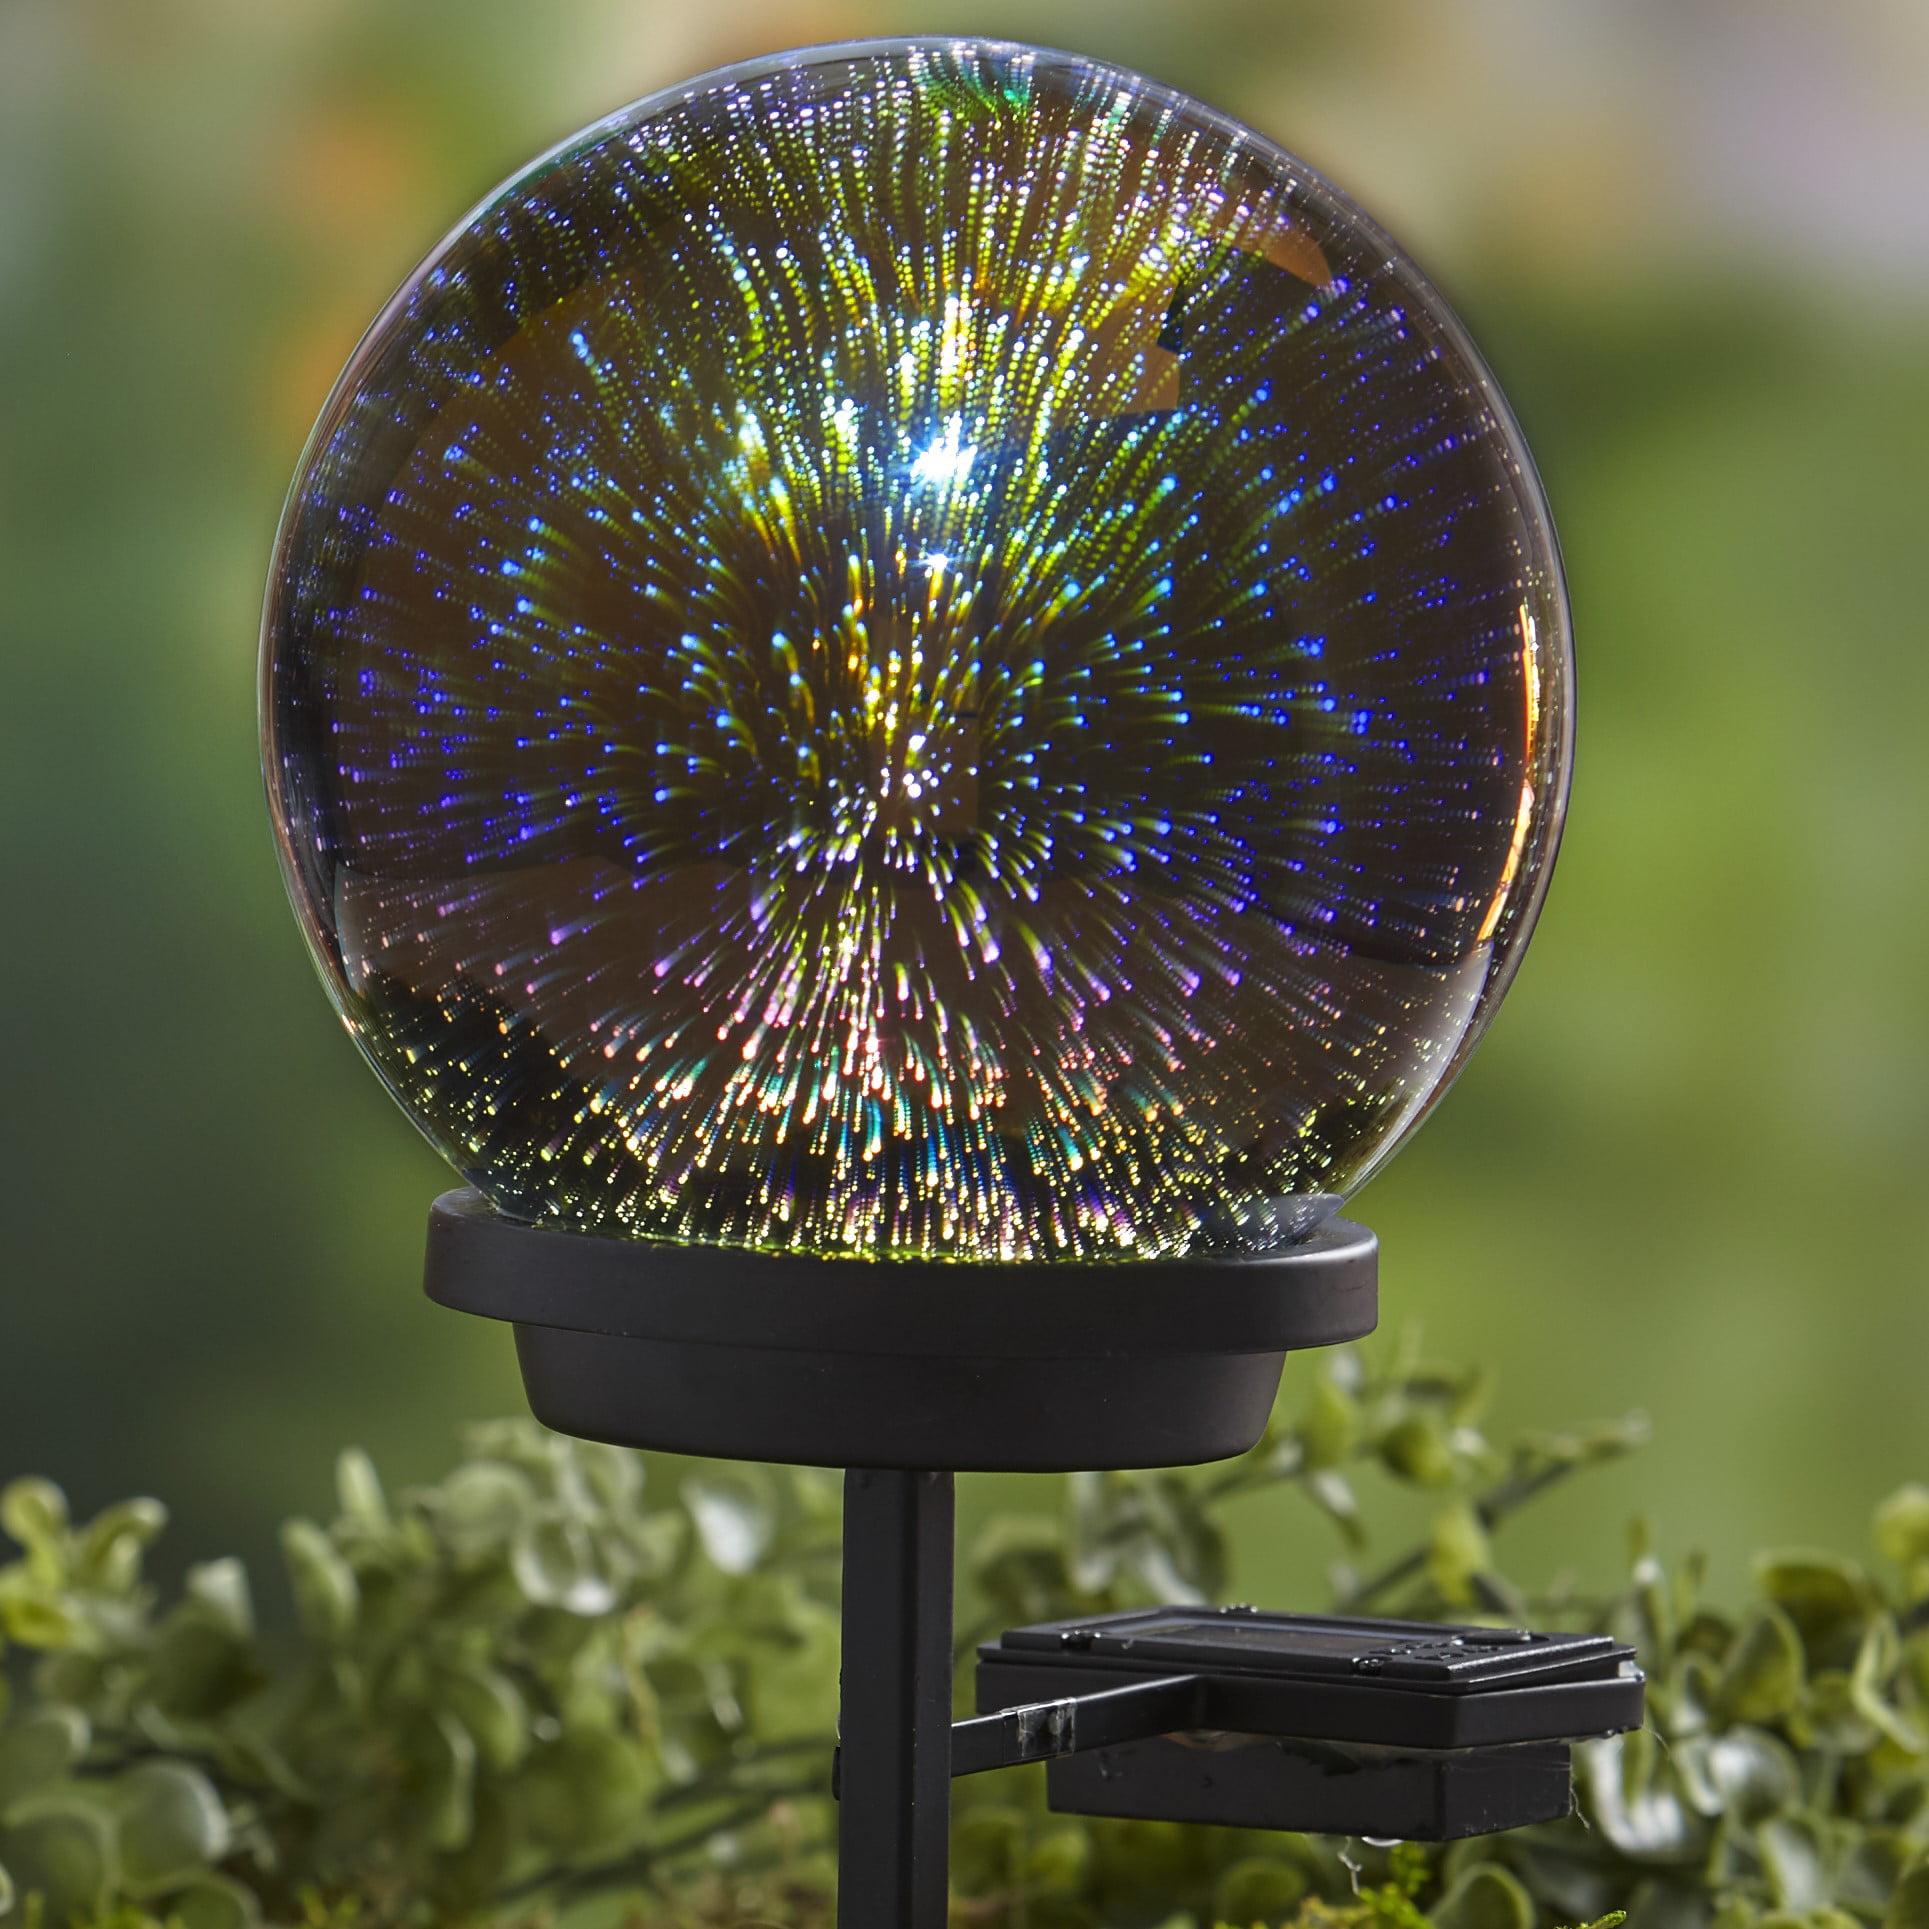 3D Effect Solar Glass Gazing Ball with Stake - Outdoor Garden Accent -  Walmart.com - Walmart.com